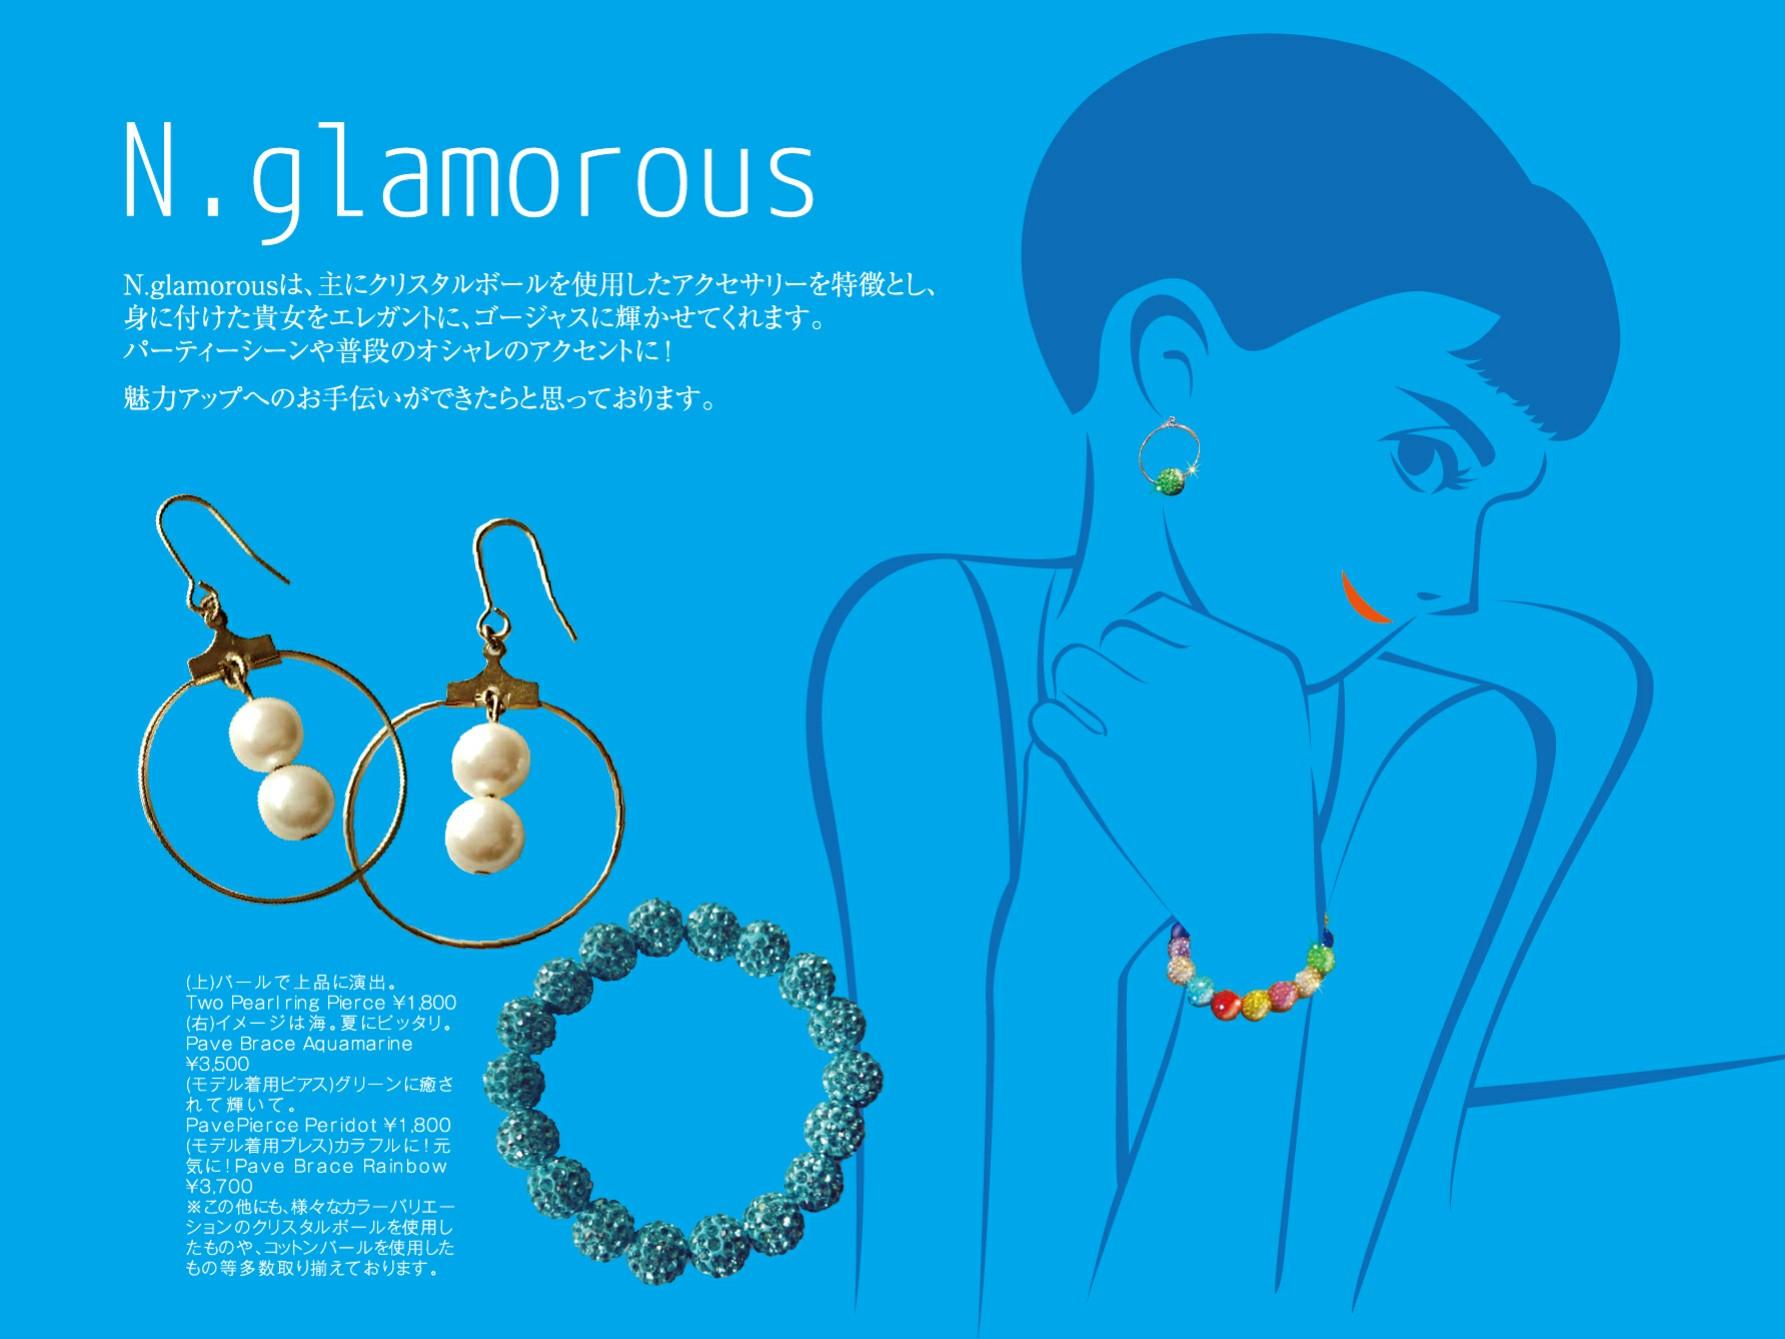 N.glamorous